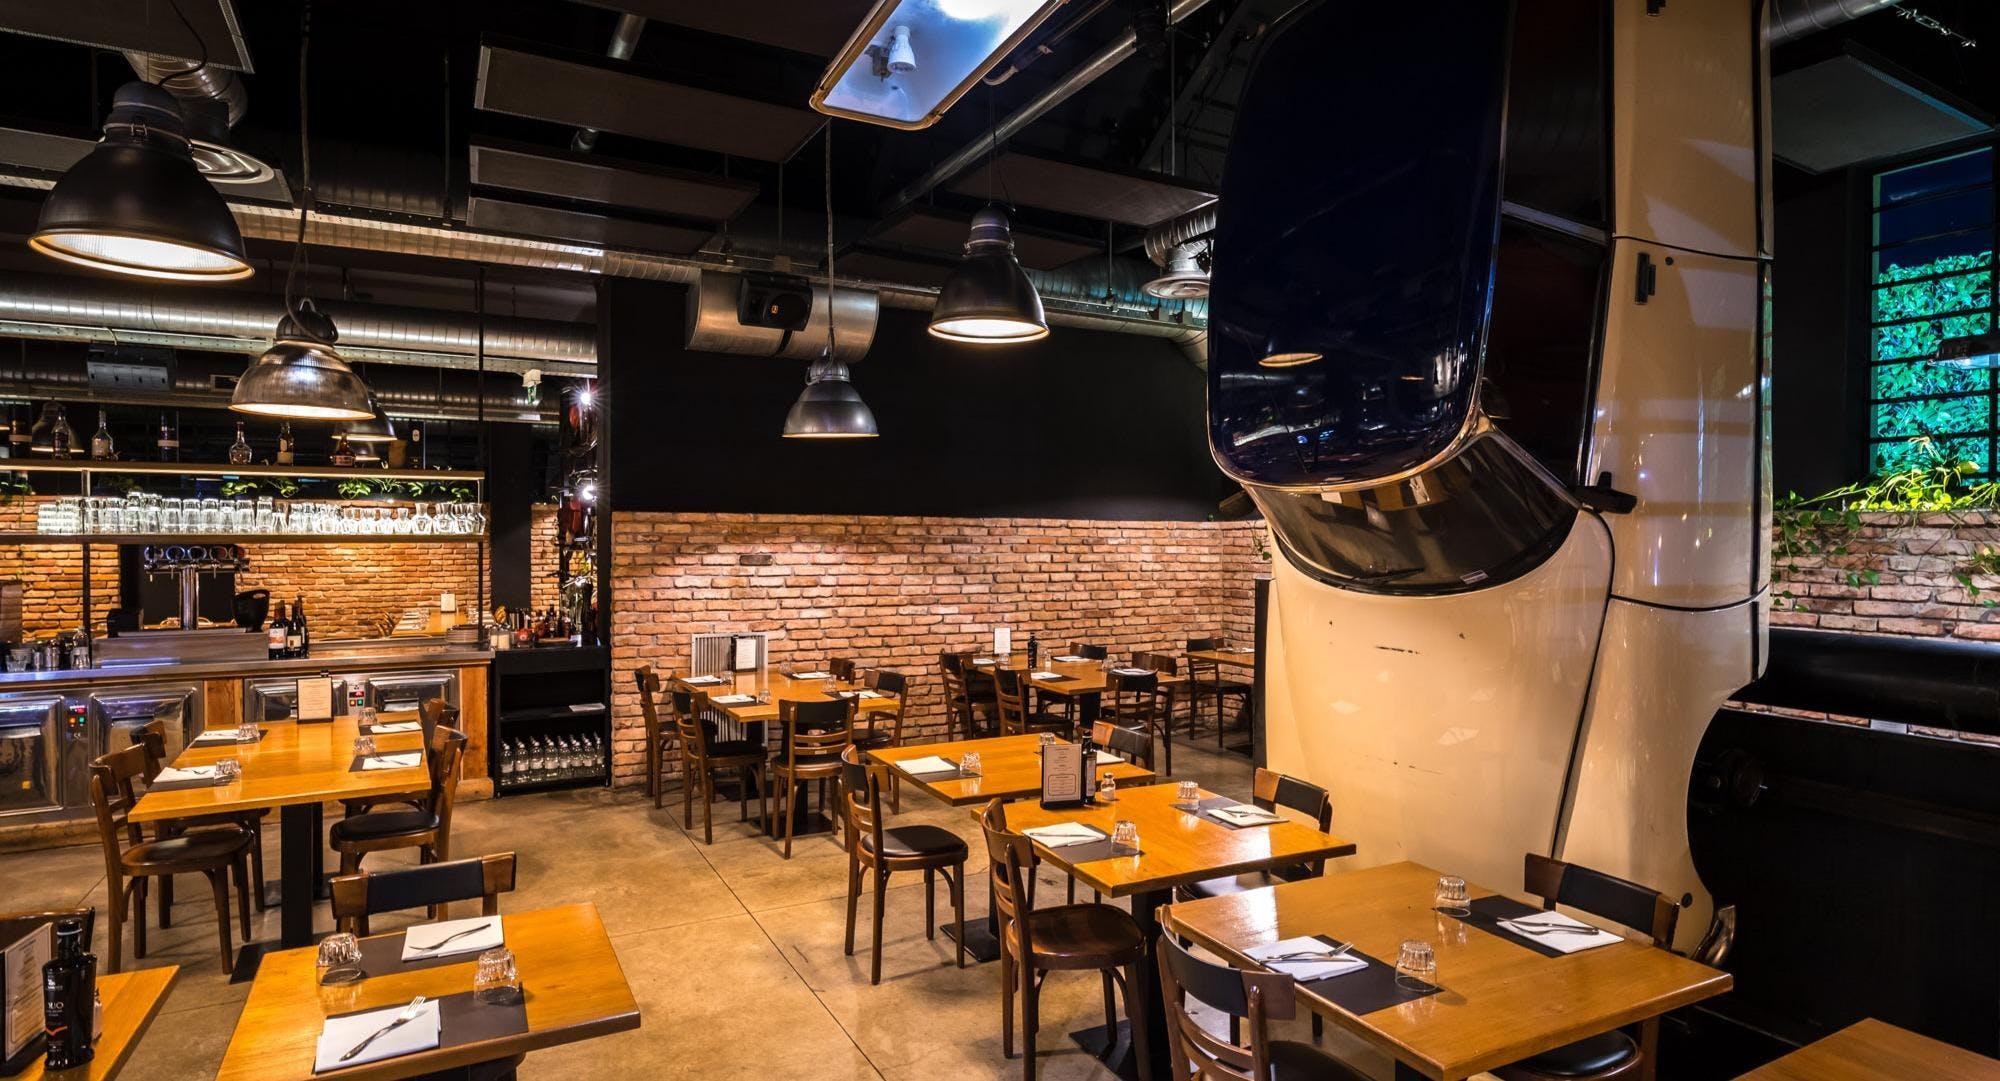 Please - Antigua Restaurants Monza and Brianza image 3